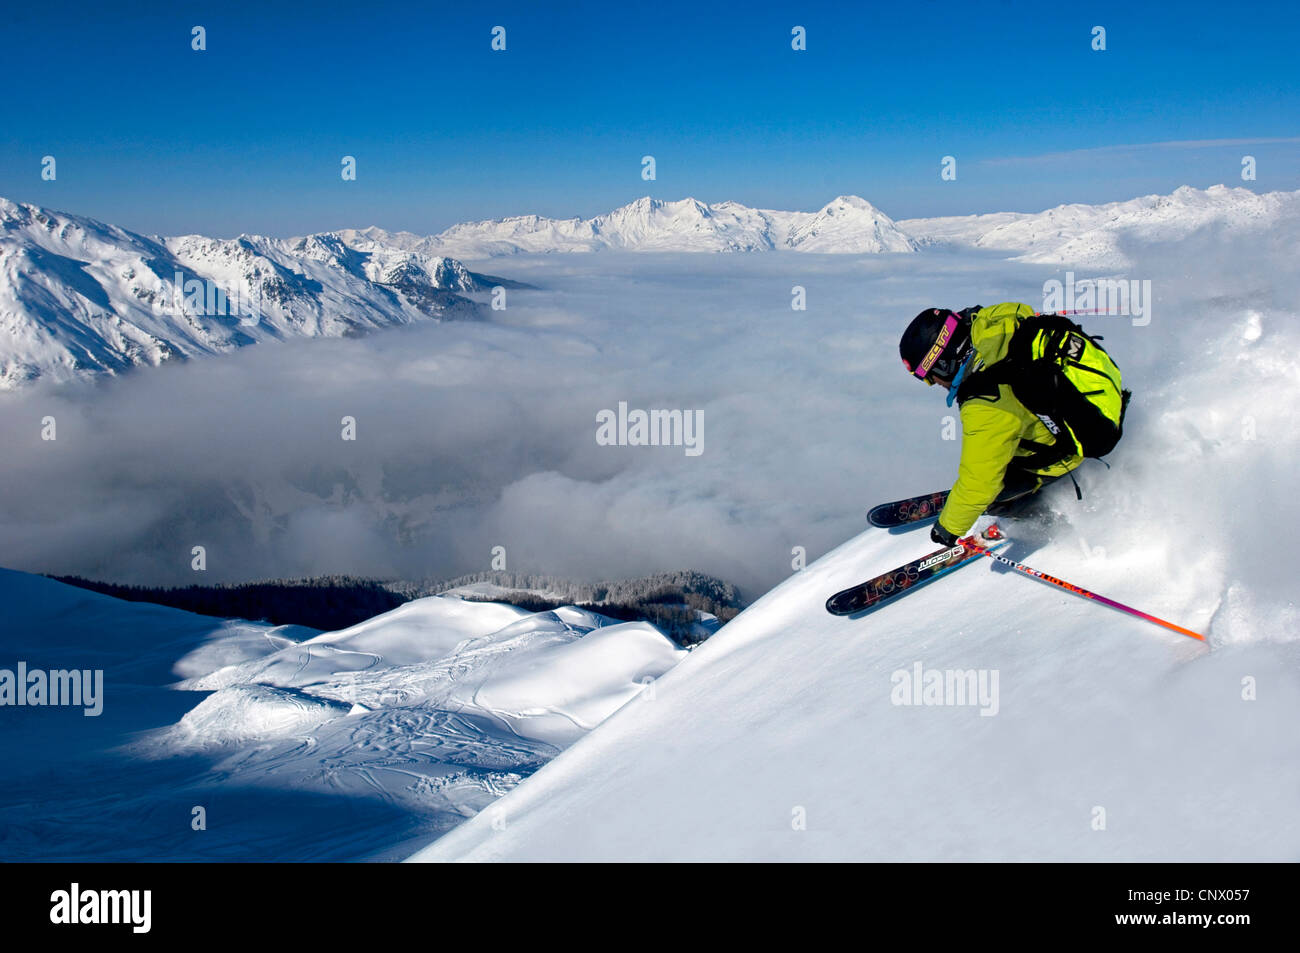 Skifahrer in Sainte-Foy-Tarentaise Skigebiet nördlich der Alpen, Frankreich Stockbild